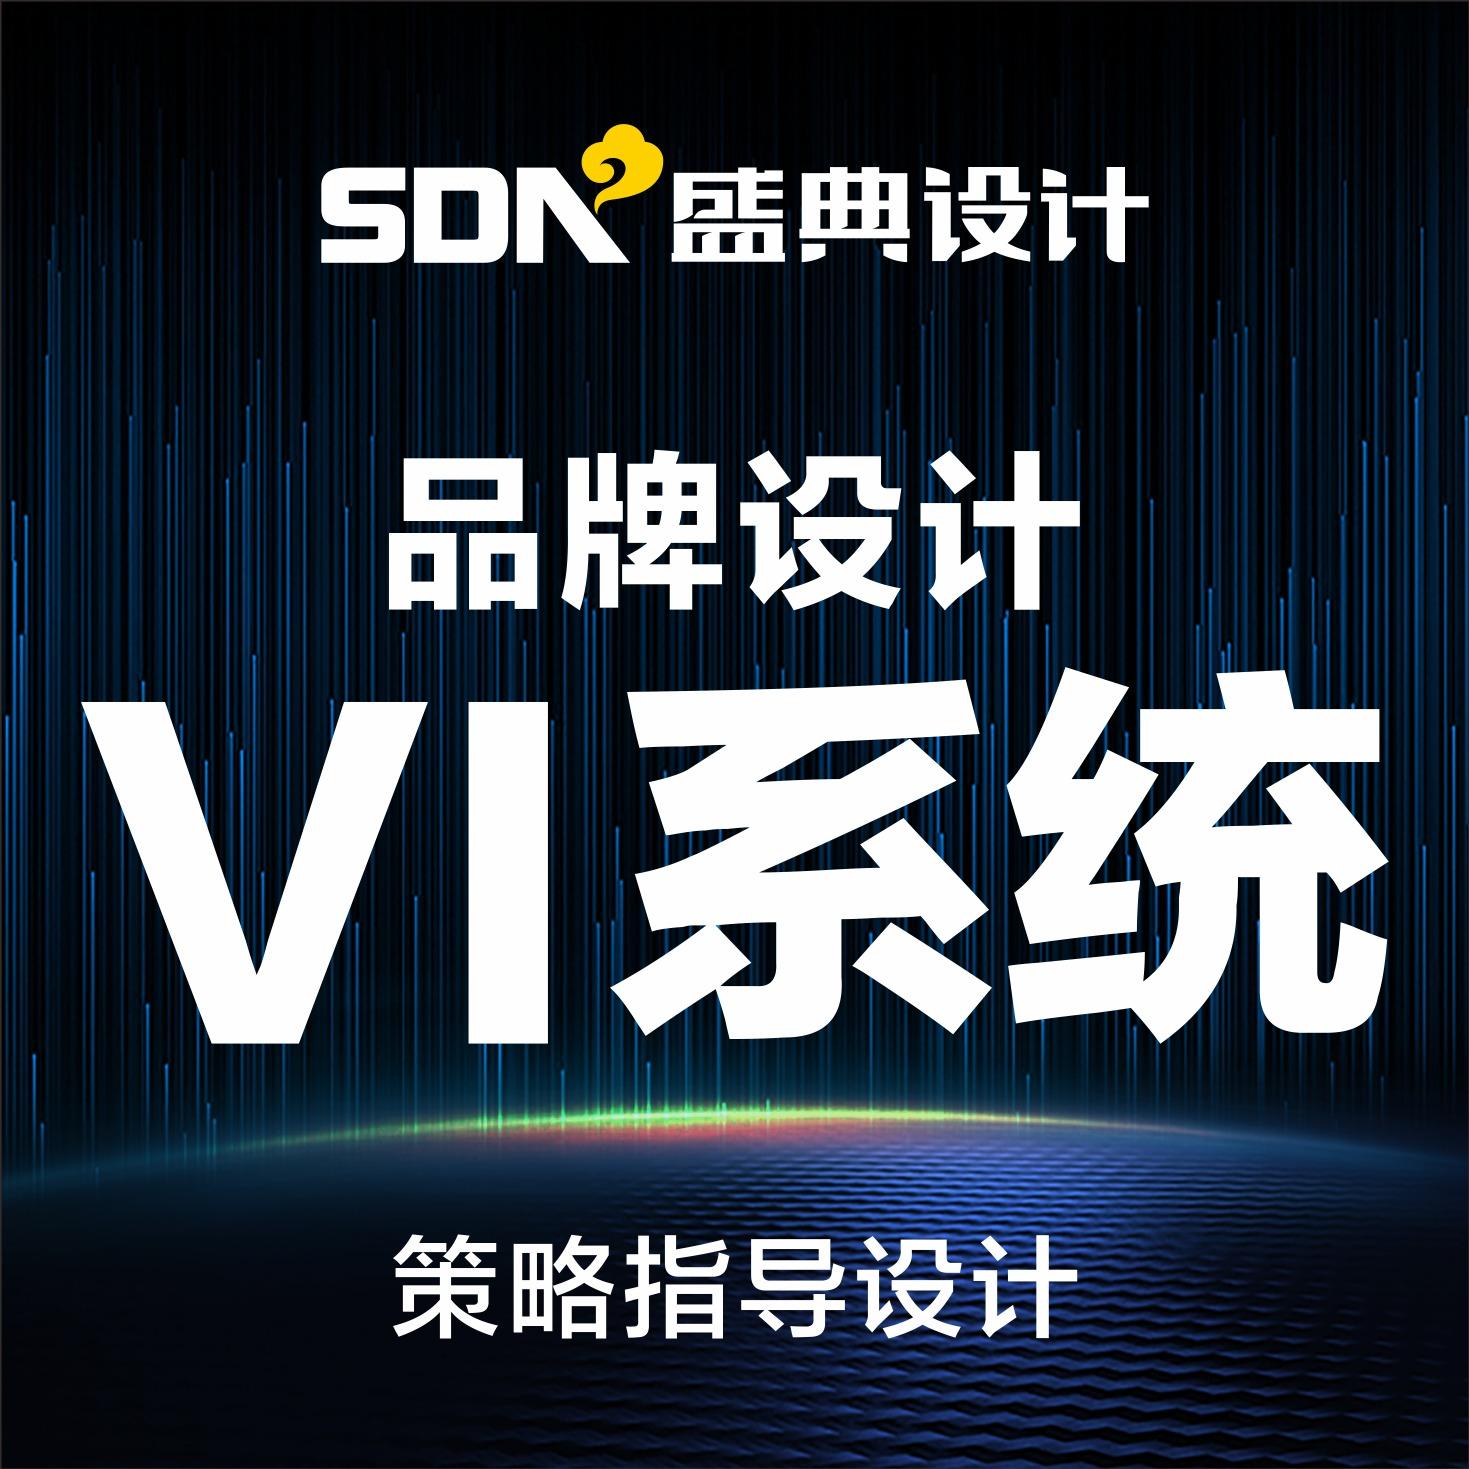 品牌 VI 建材家居品牌形象全套 vi设计 / 地产建筑互联网服务